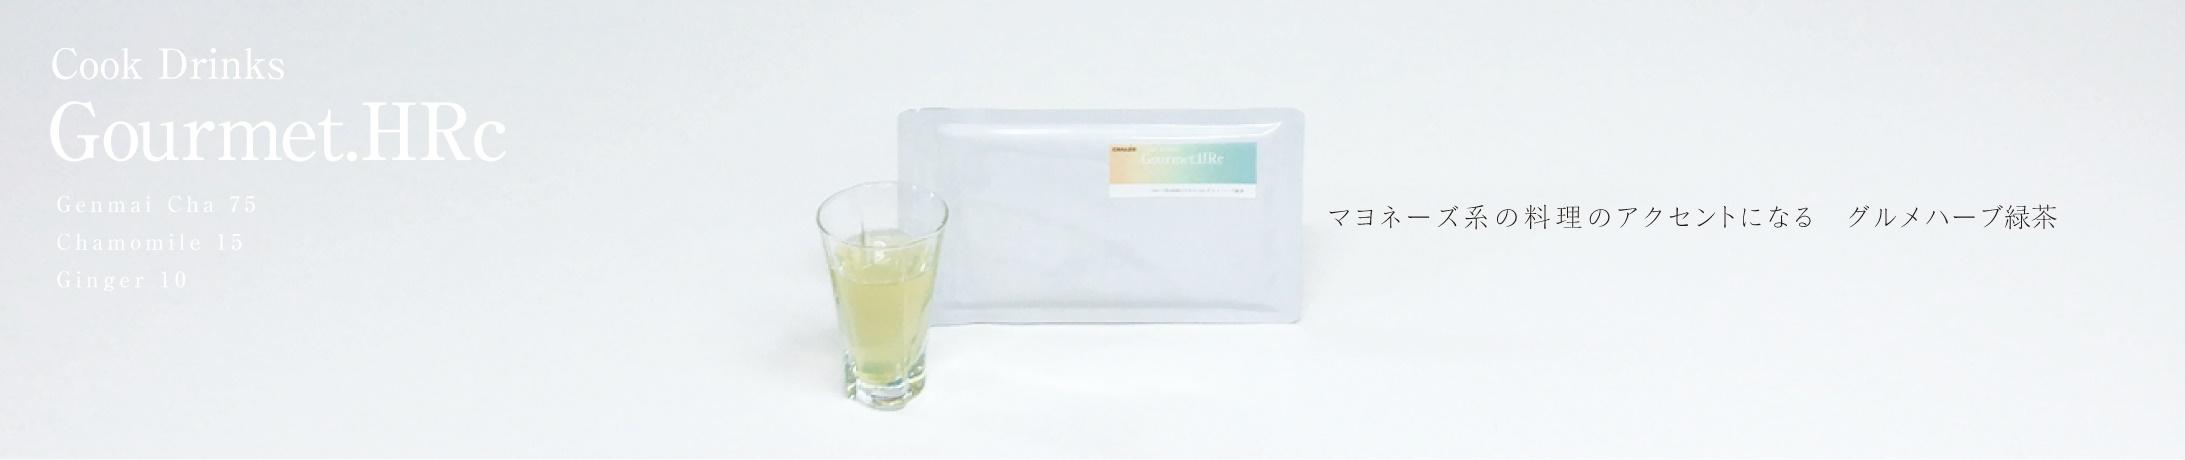 グルメハーブ緑茶2